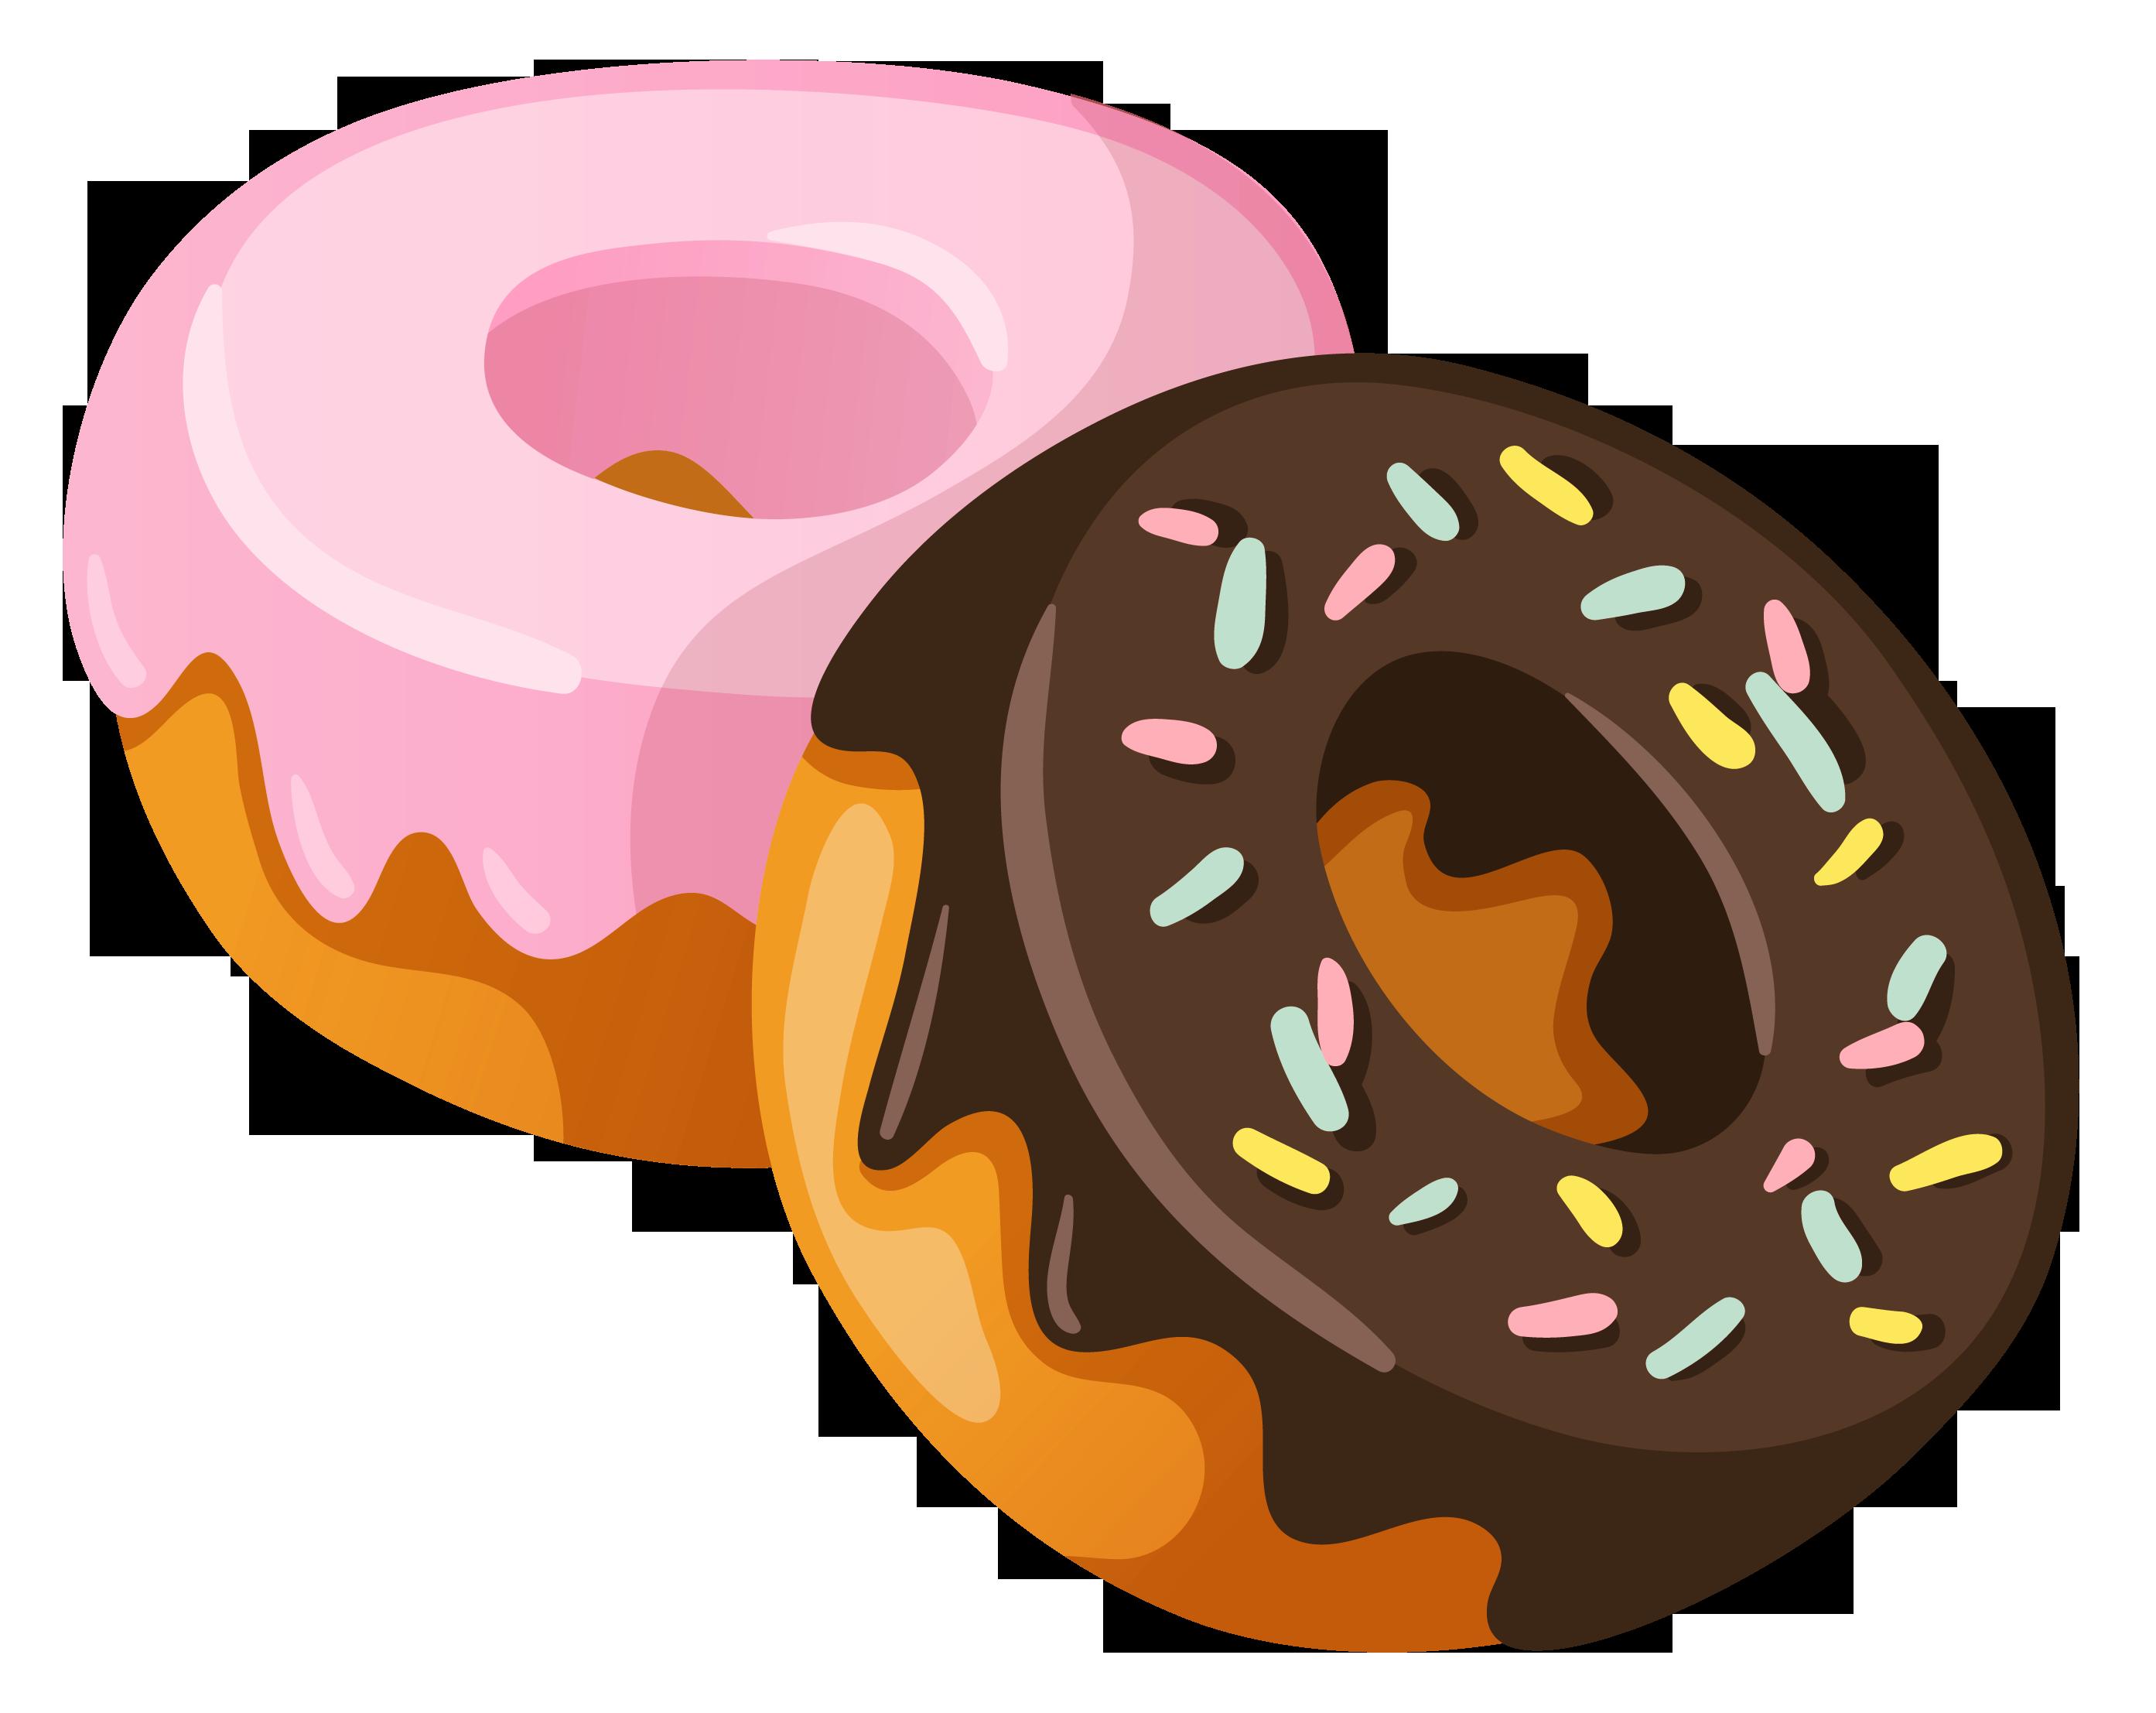 سكرابز حلويات للتصميم بدون تحميل❤